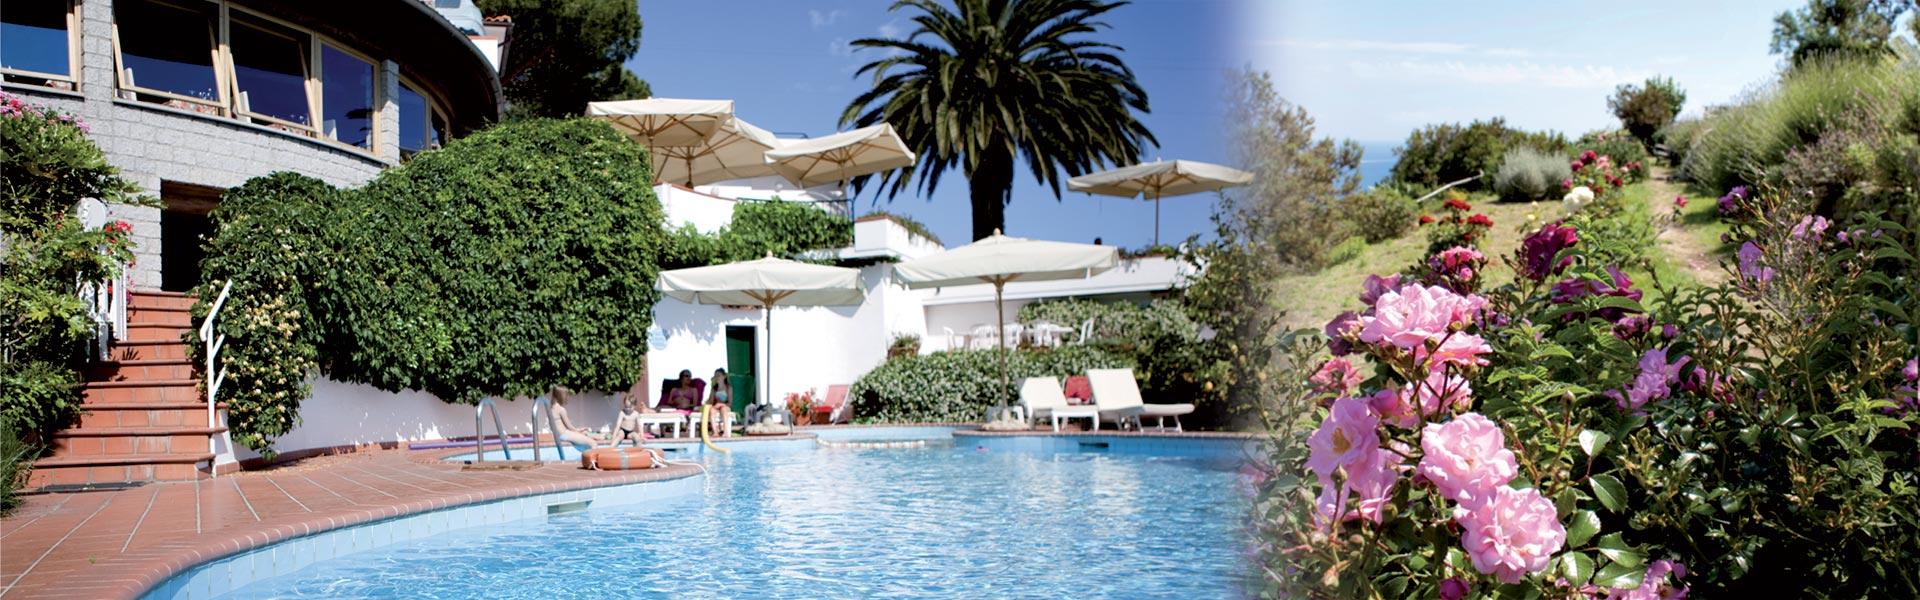 Ambiante Hotel Gallo Nero